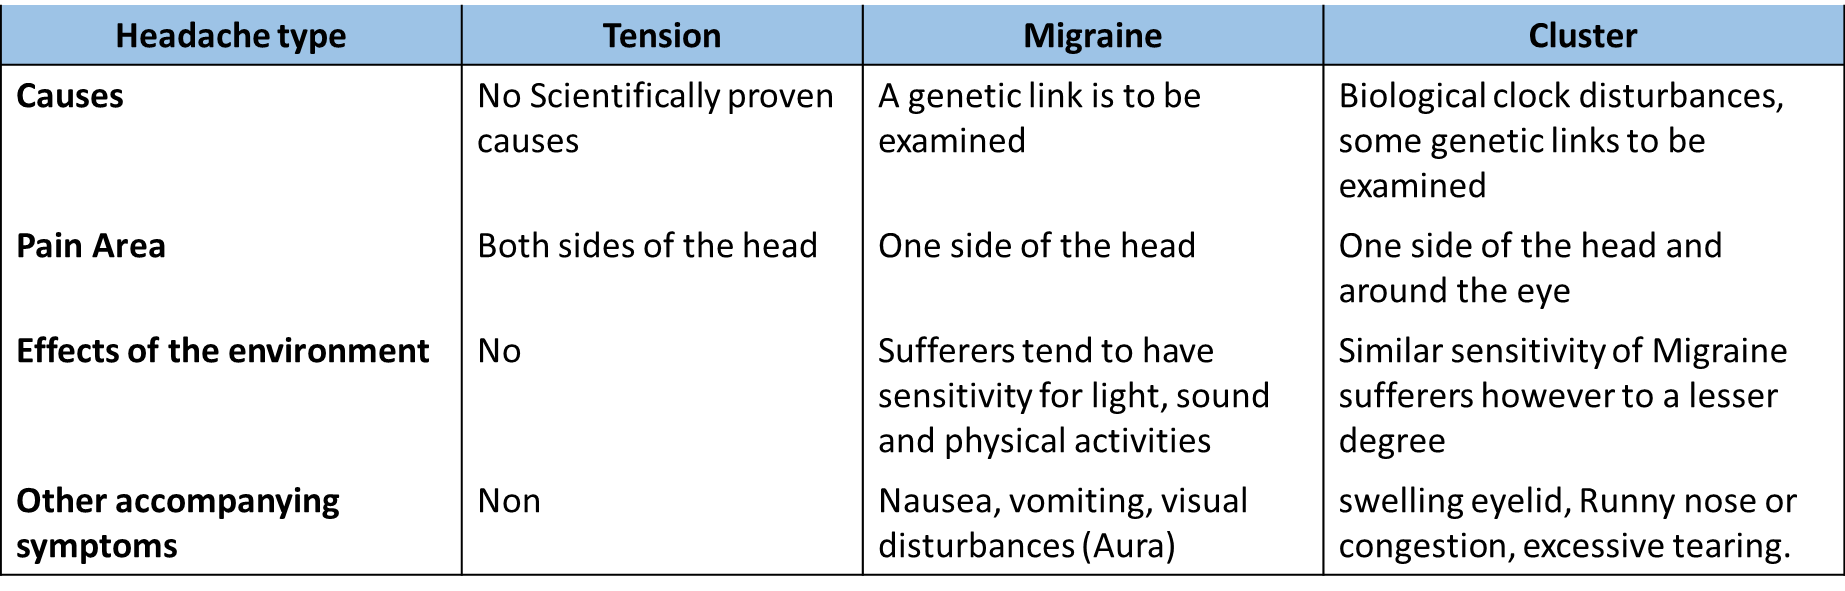 Headache types comparison